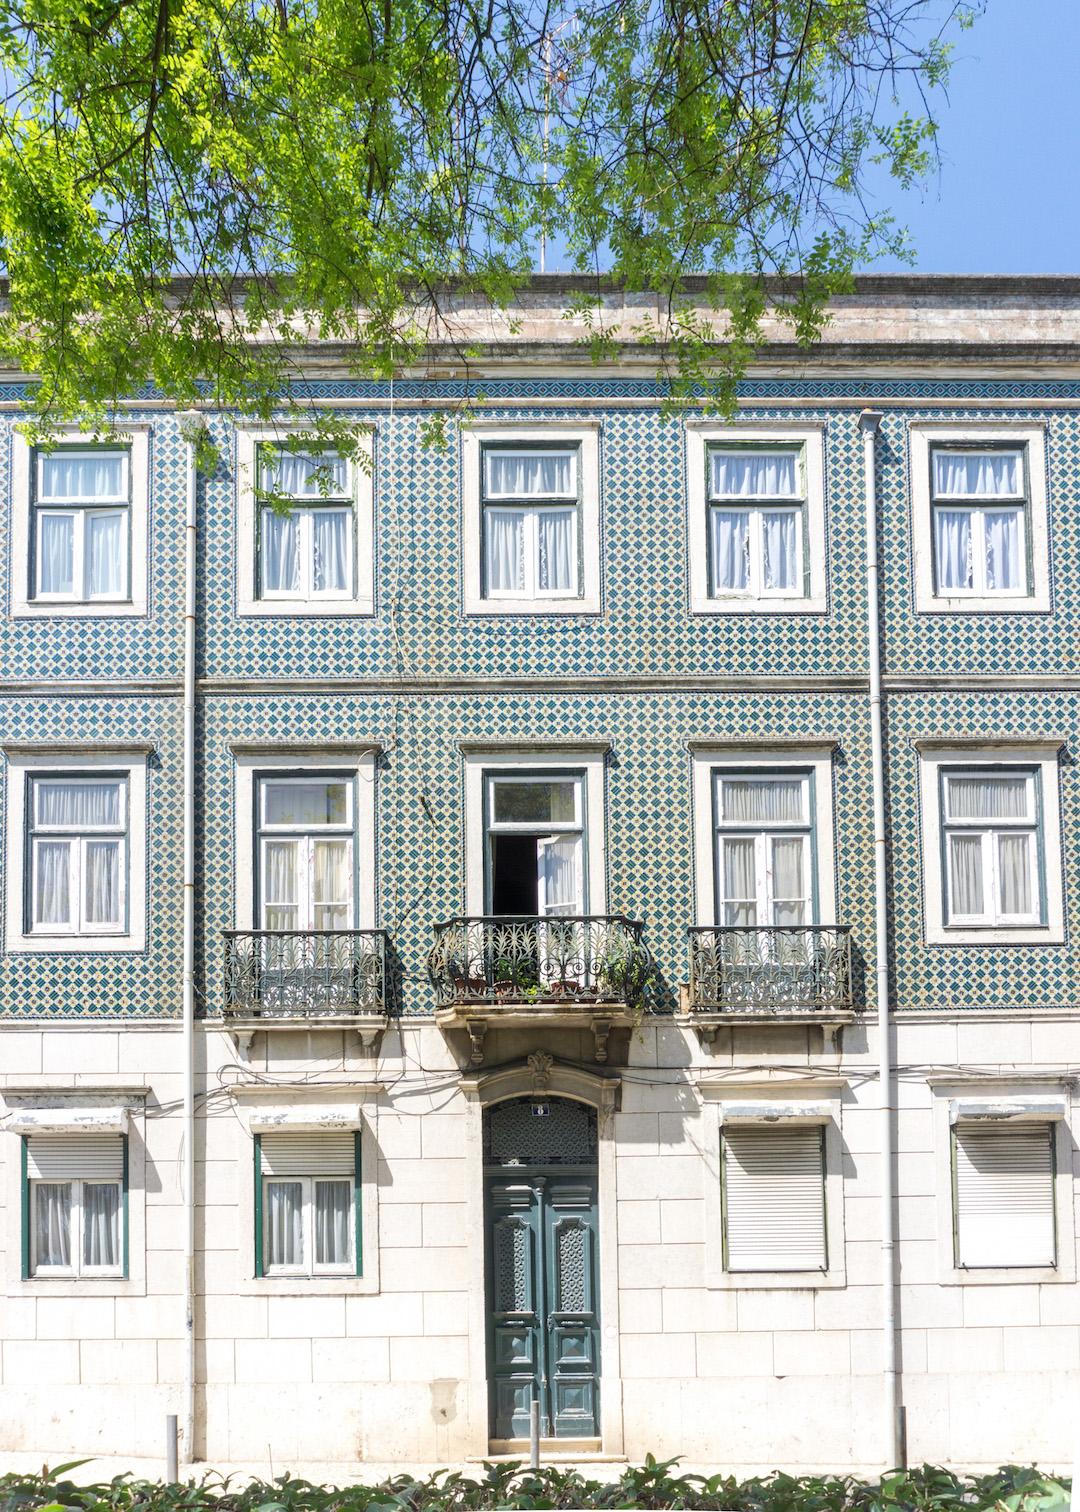 Her_Travel_Edit_Lisbon_Tiles